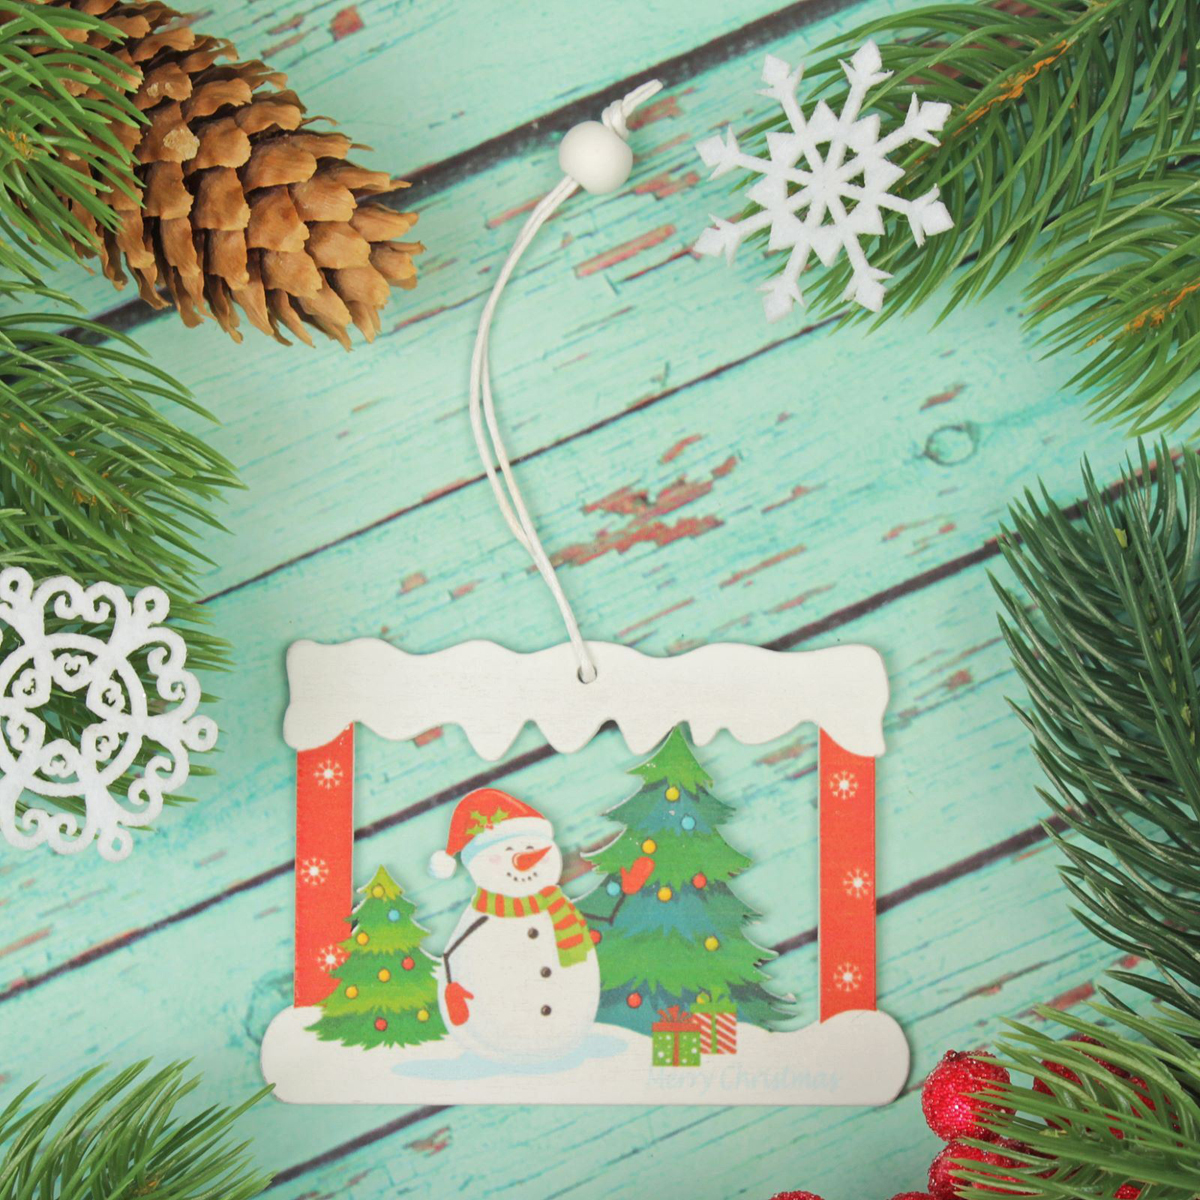 Подвеска новогодняя Снеговик в окошечке, 6 х 8 см2303450Новогодняя подвеска Снеговик в окошечке выполнена из дерева в виде снеговика в окошке. Подвеску можно повесить на елку благодаря специальному текстильному шнурку.Невозможно представить нашу жизнь без праздников! Мы всегда ждем их и предвкушаем, обдумываем, как проведем памятный день, тщательно выбираем подарки и аксессуары, ведь именно они создают и поддерживают торжественный настрой. Это отличный выбор, который привнесет атмосферу праздника в ваш дом!